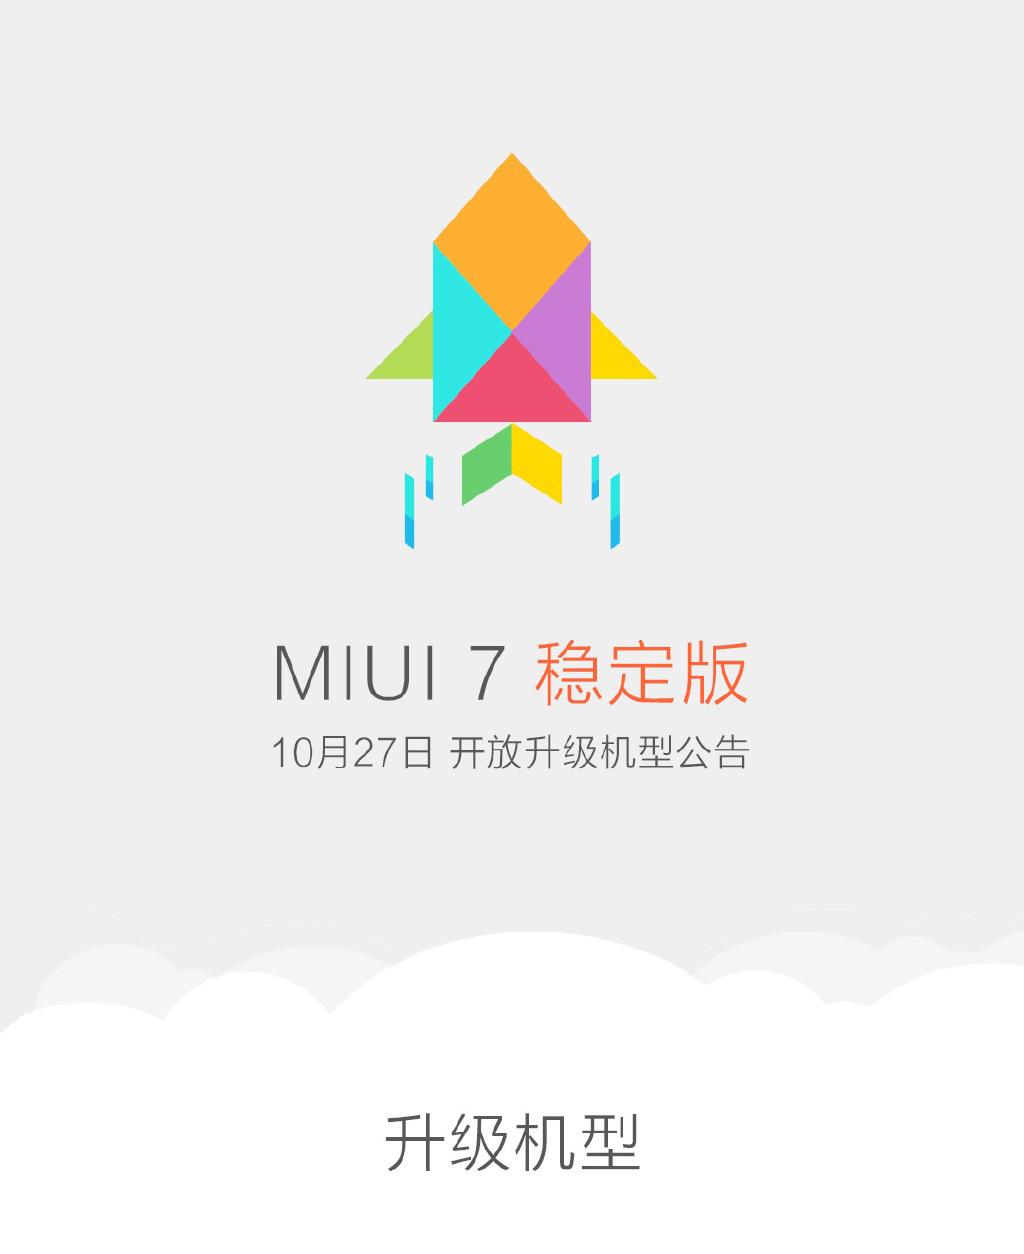 米粉必看:小米公布MIUI 7稳定版升级机型的照片 - 2